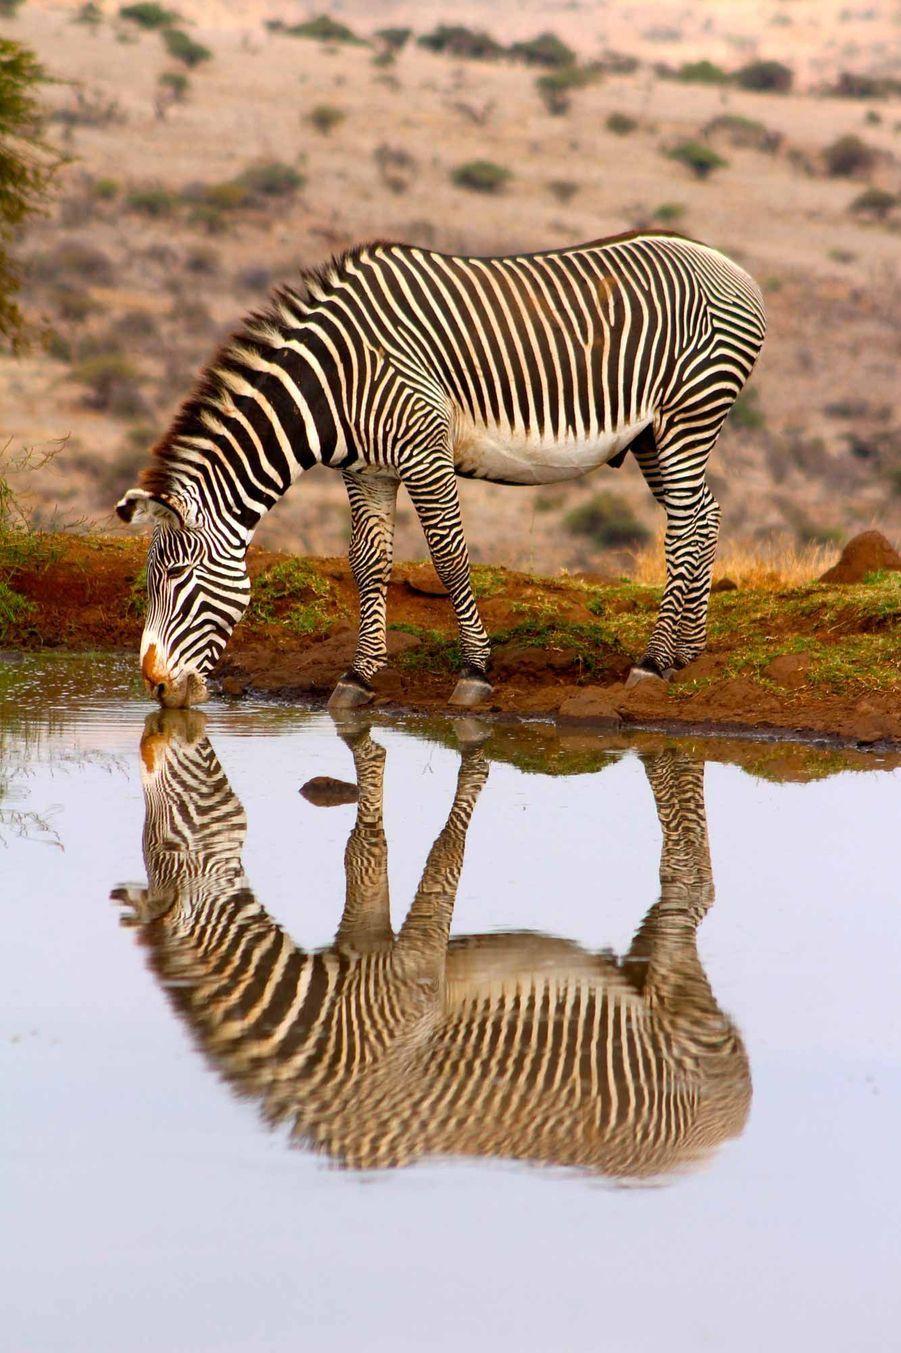 Ce zèbre inspire les plus grands mathématiciens. Photo prise dans la réserve de Lewa, au Kenya.